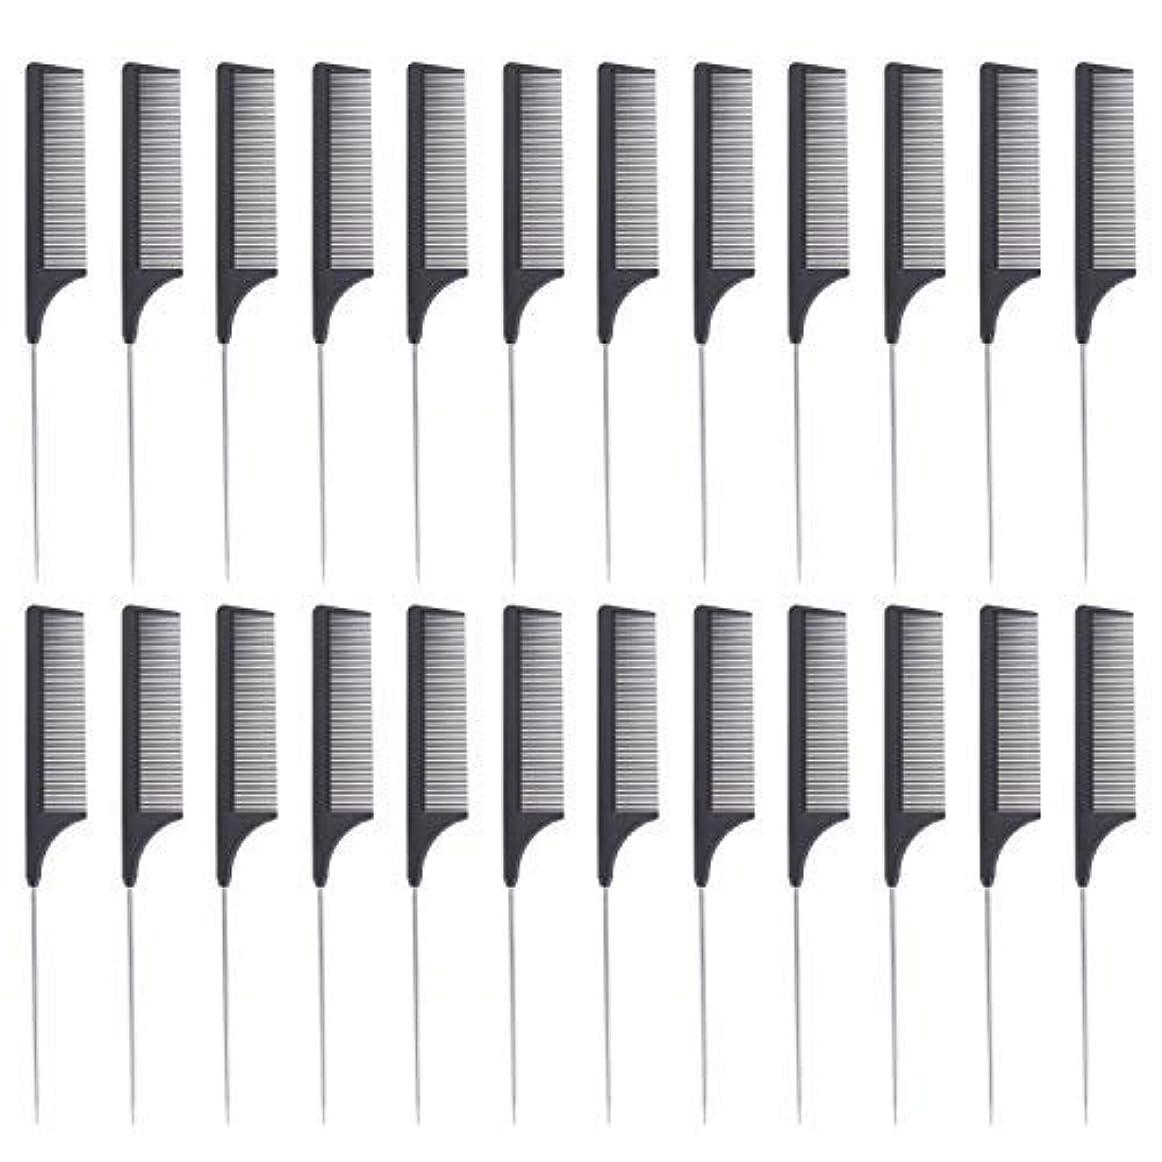 火山例外ネット24 Pieces Comb Black Tail Styling Comb Chemical Heat Resistant Teasing Comb Carbon Fiber Hair Styling Combs for...